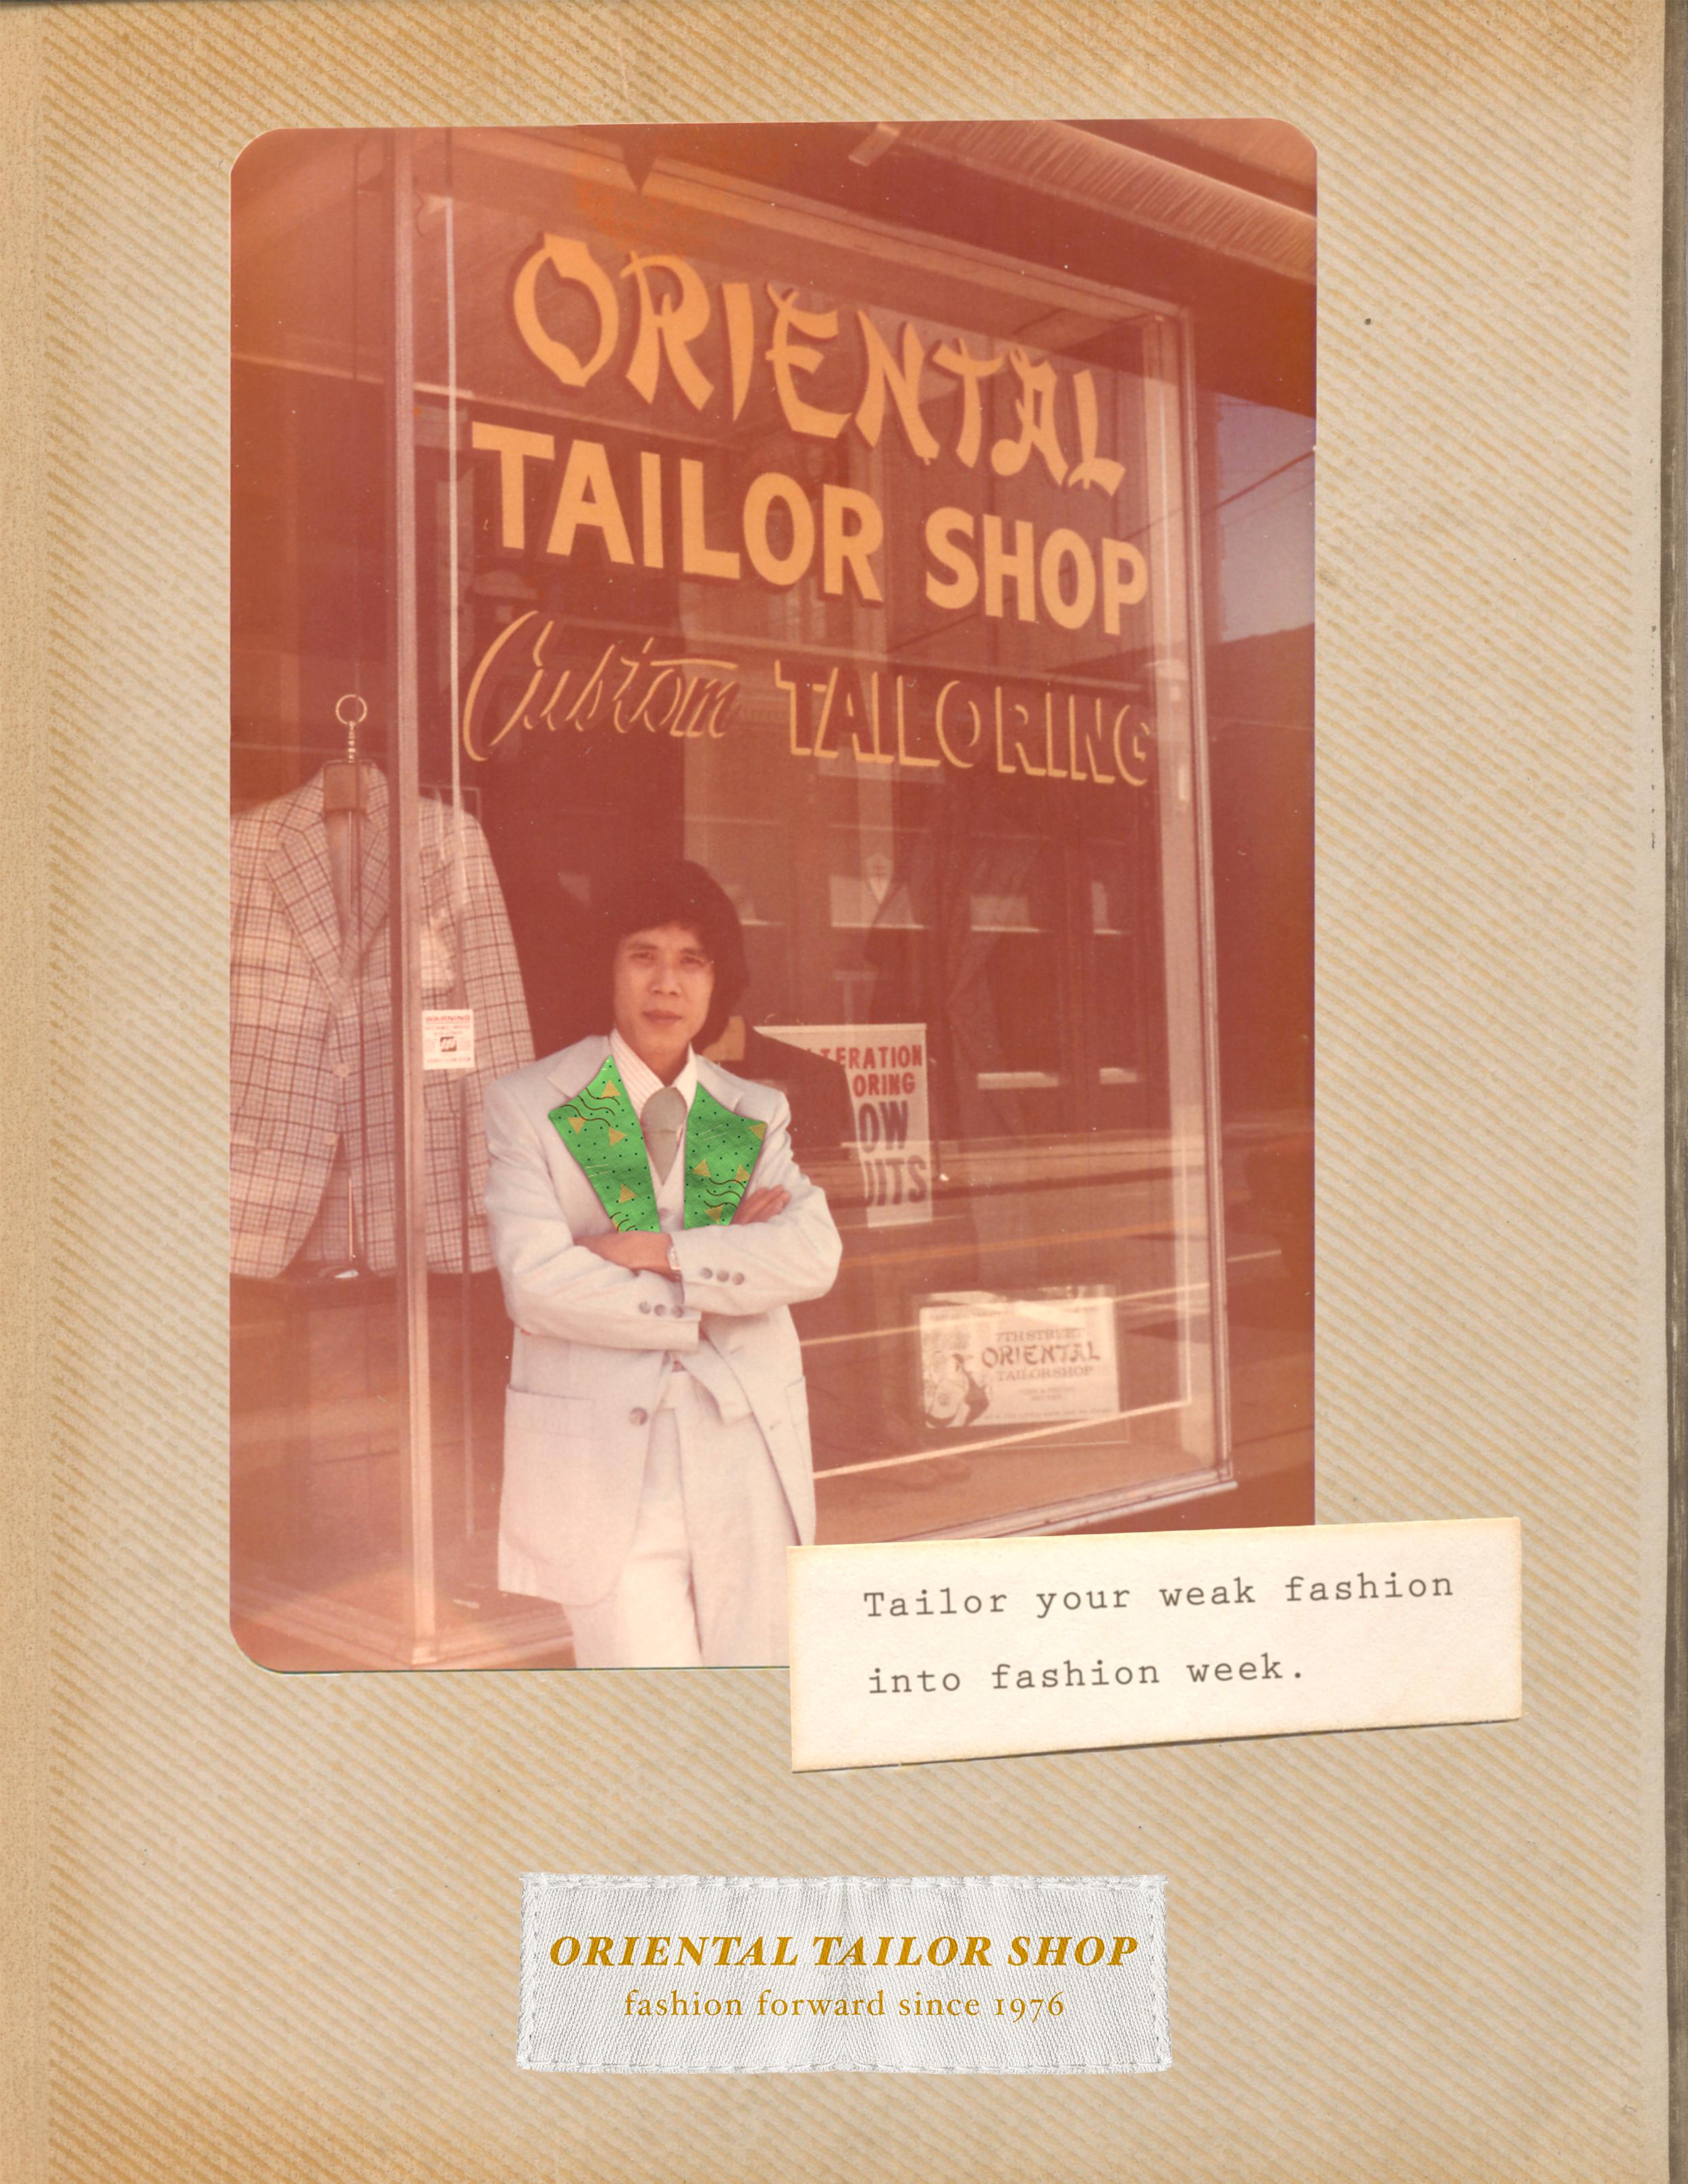 oriental-tailor-shop_print_lapel_8d5x11_180928_nh_v1.2.png